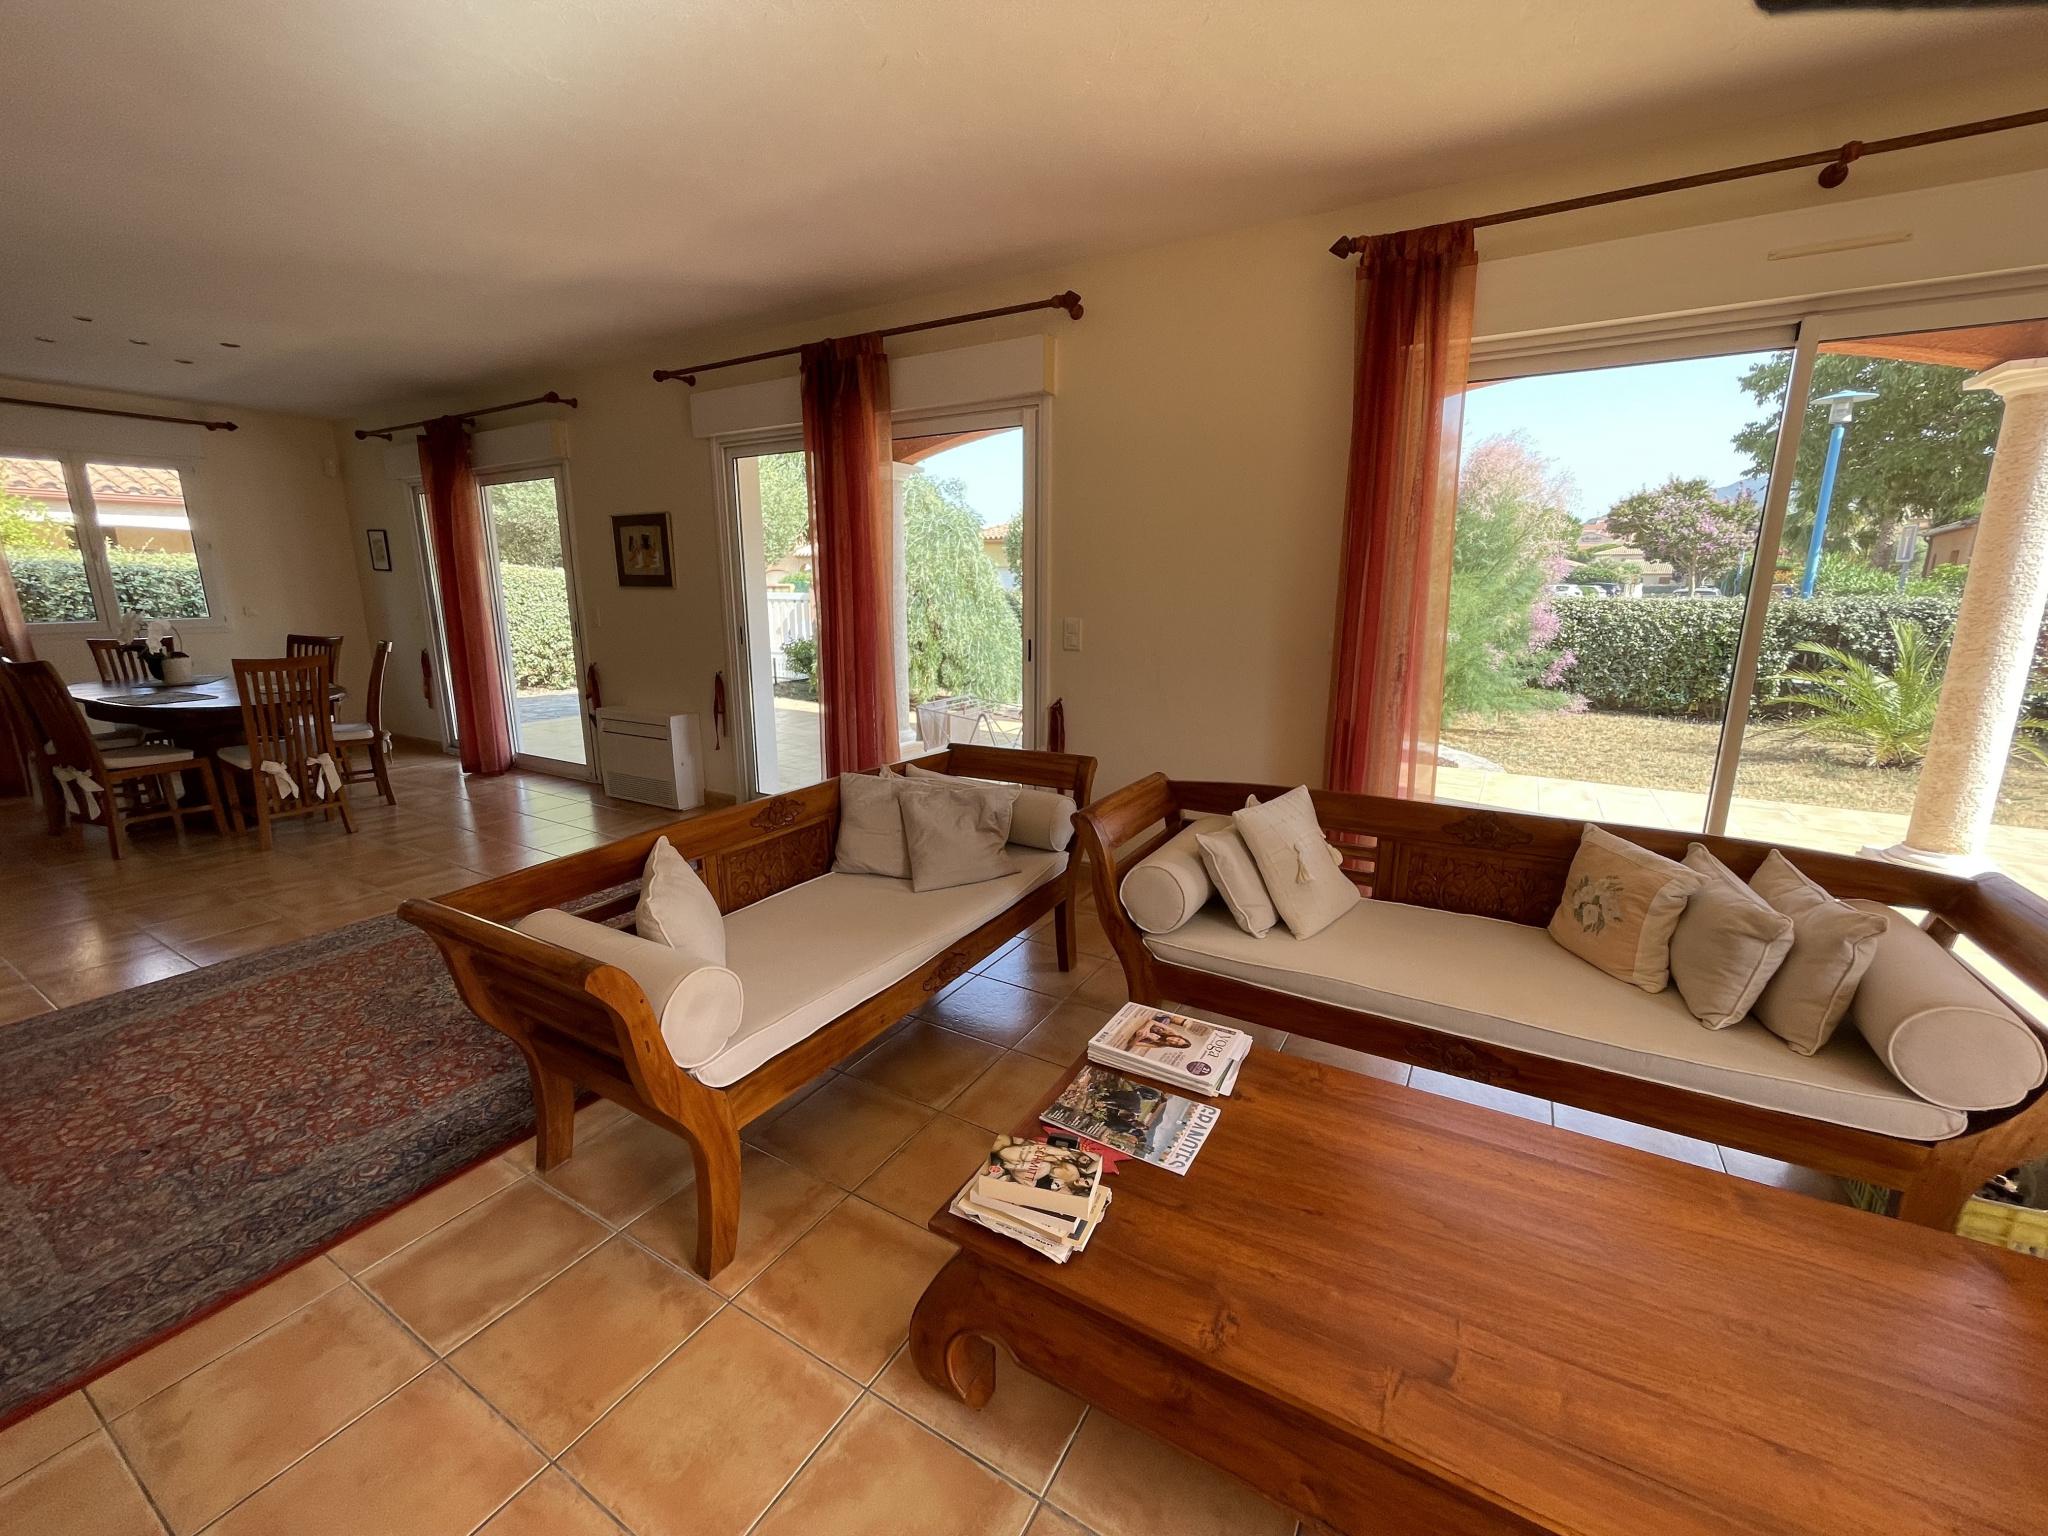 À vendre maison/villa de 124m2 à argeles sur mer (66700) - Photo 4'